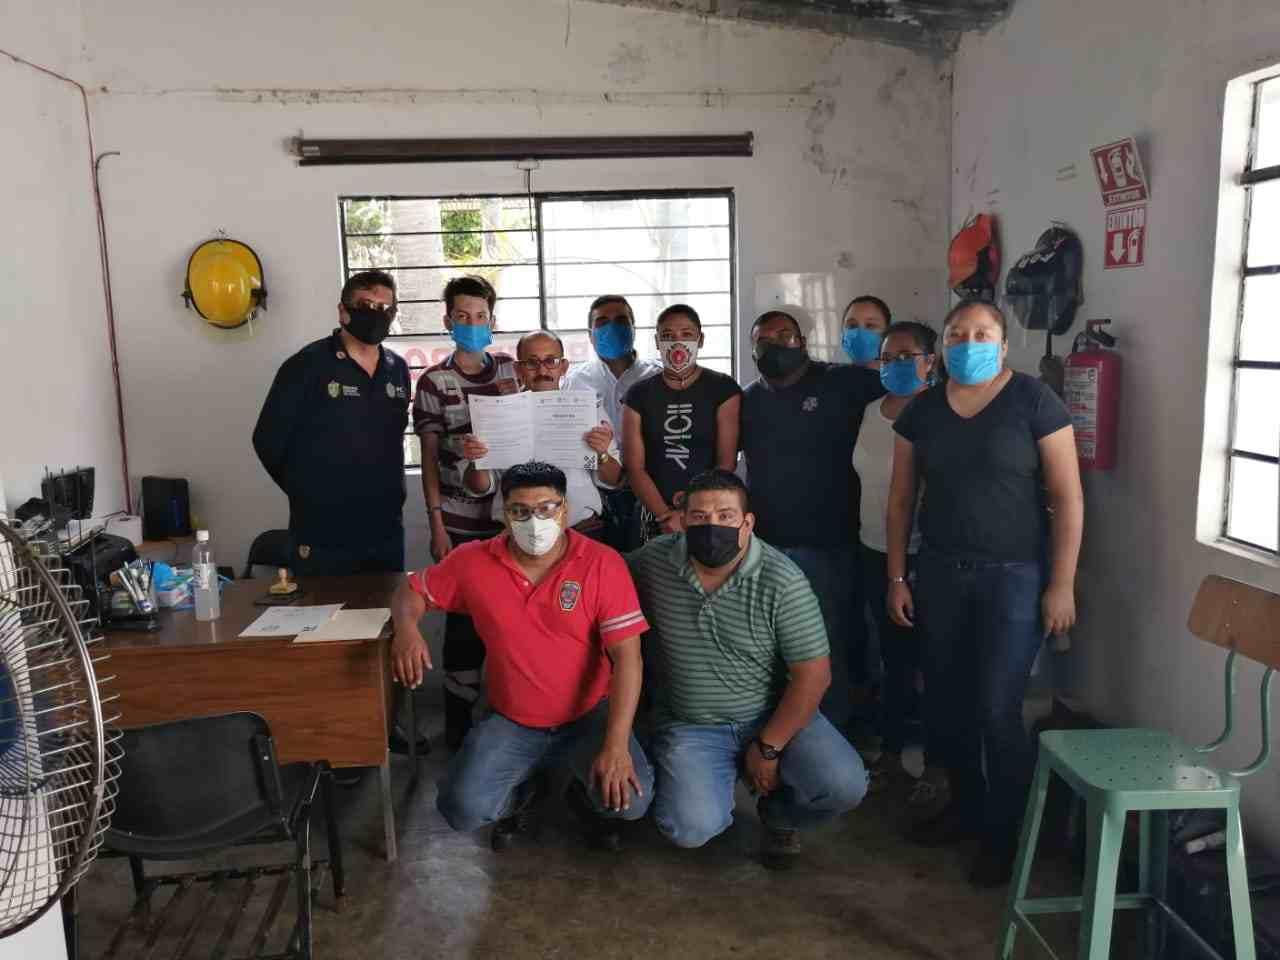 BOMBEROS DE FORTÍN AC, DE LOS PRIMEROS ACREDITADOS EN EL ESTADO